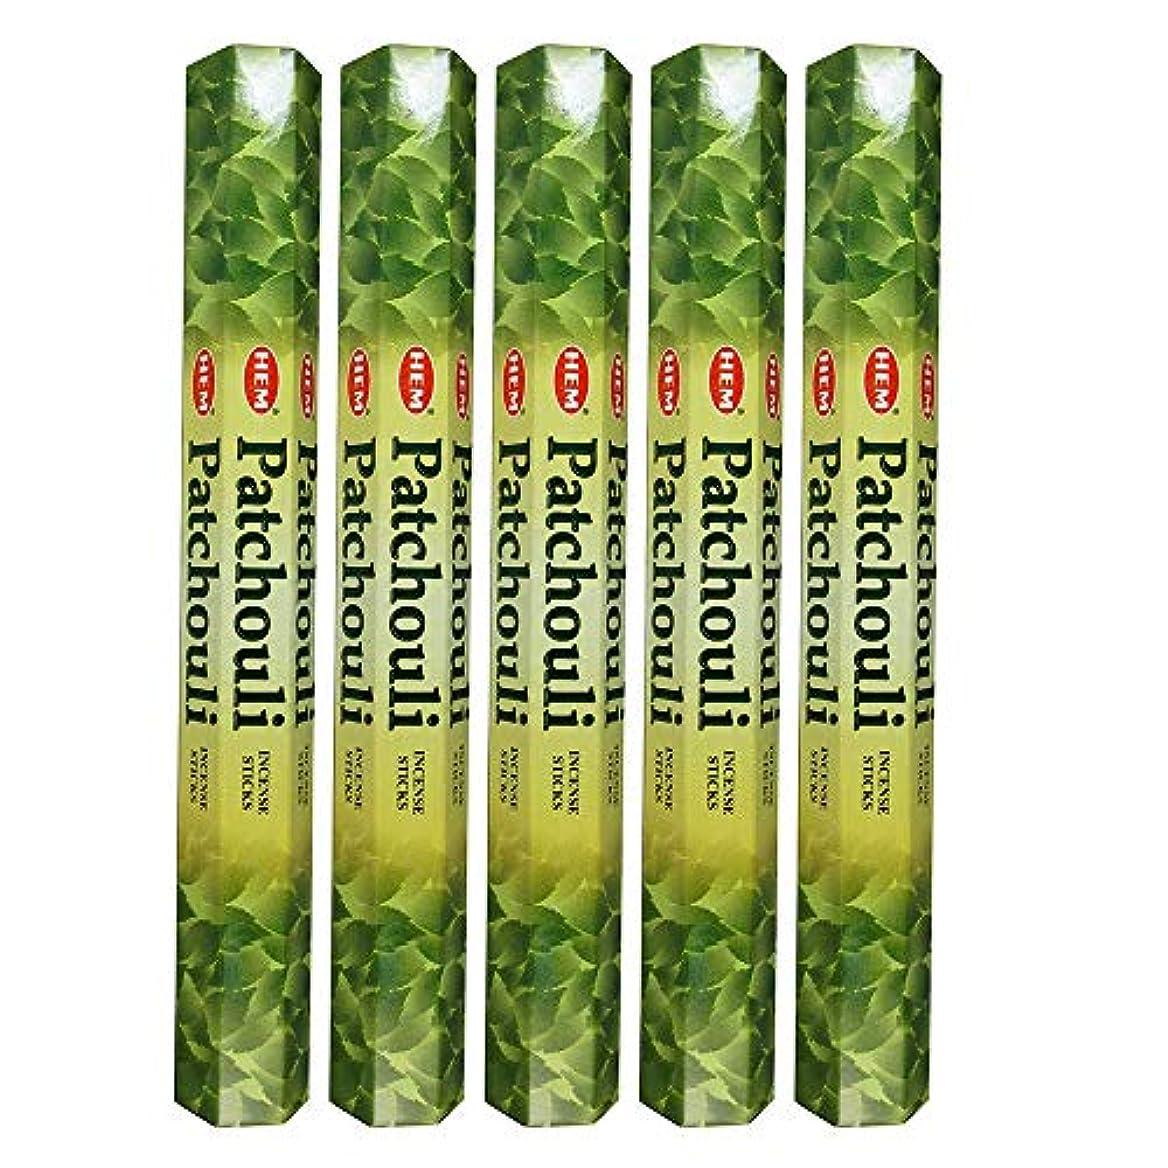 同じ湿地国民投票Hemパチョリ100 Incense Sticks (5 x 20スティックパック)